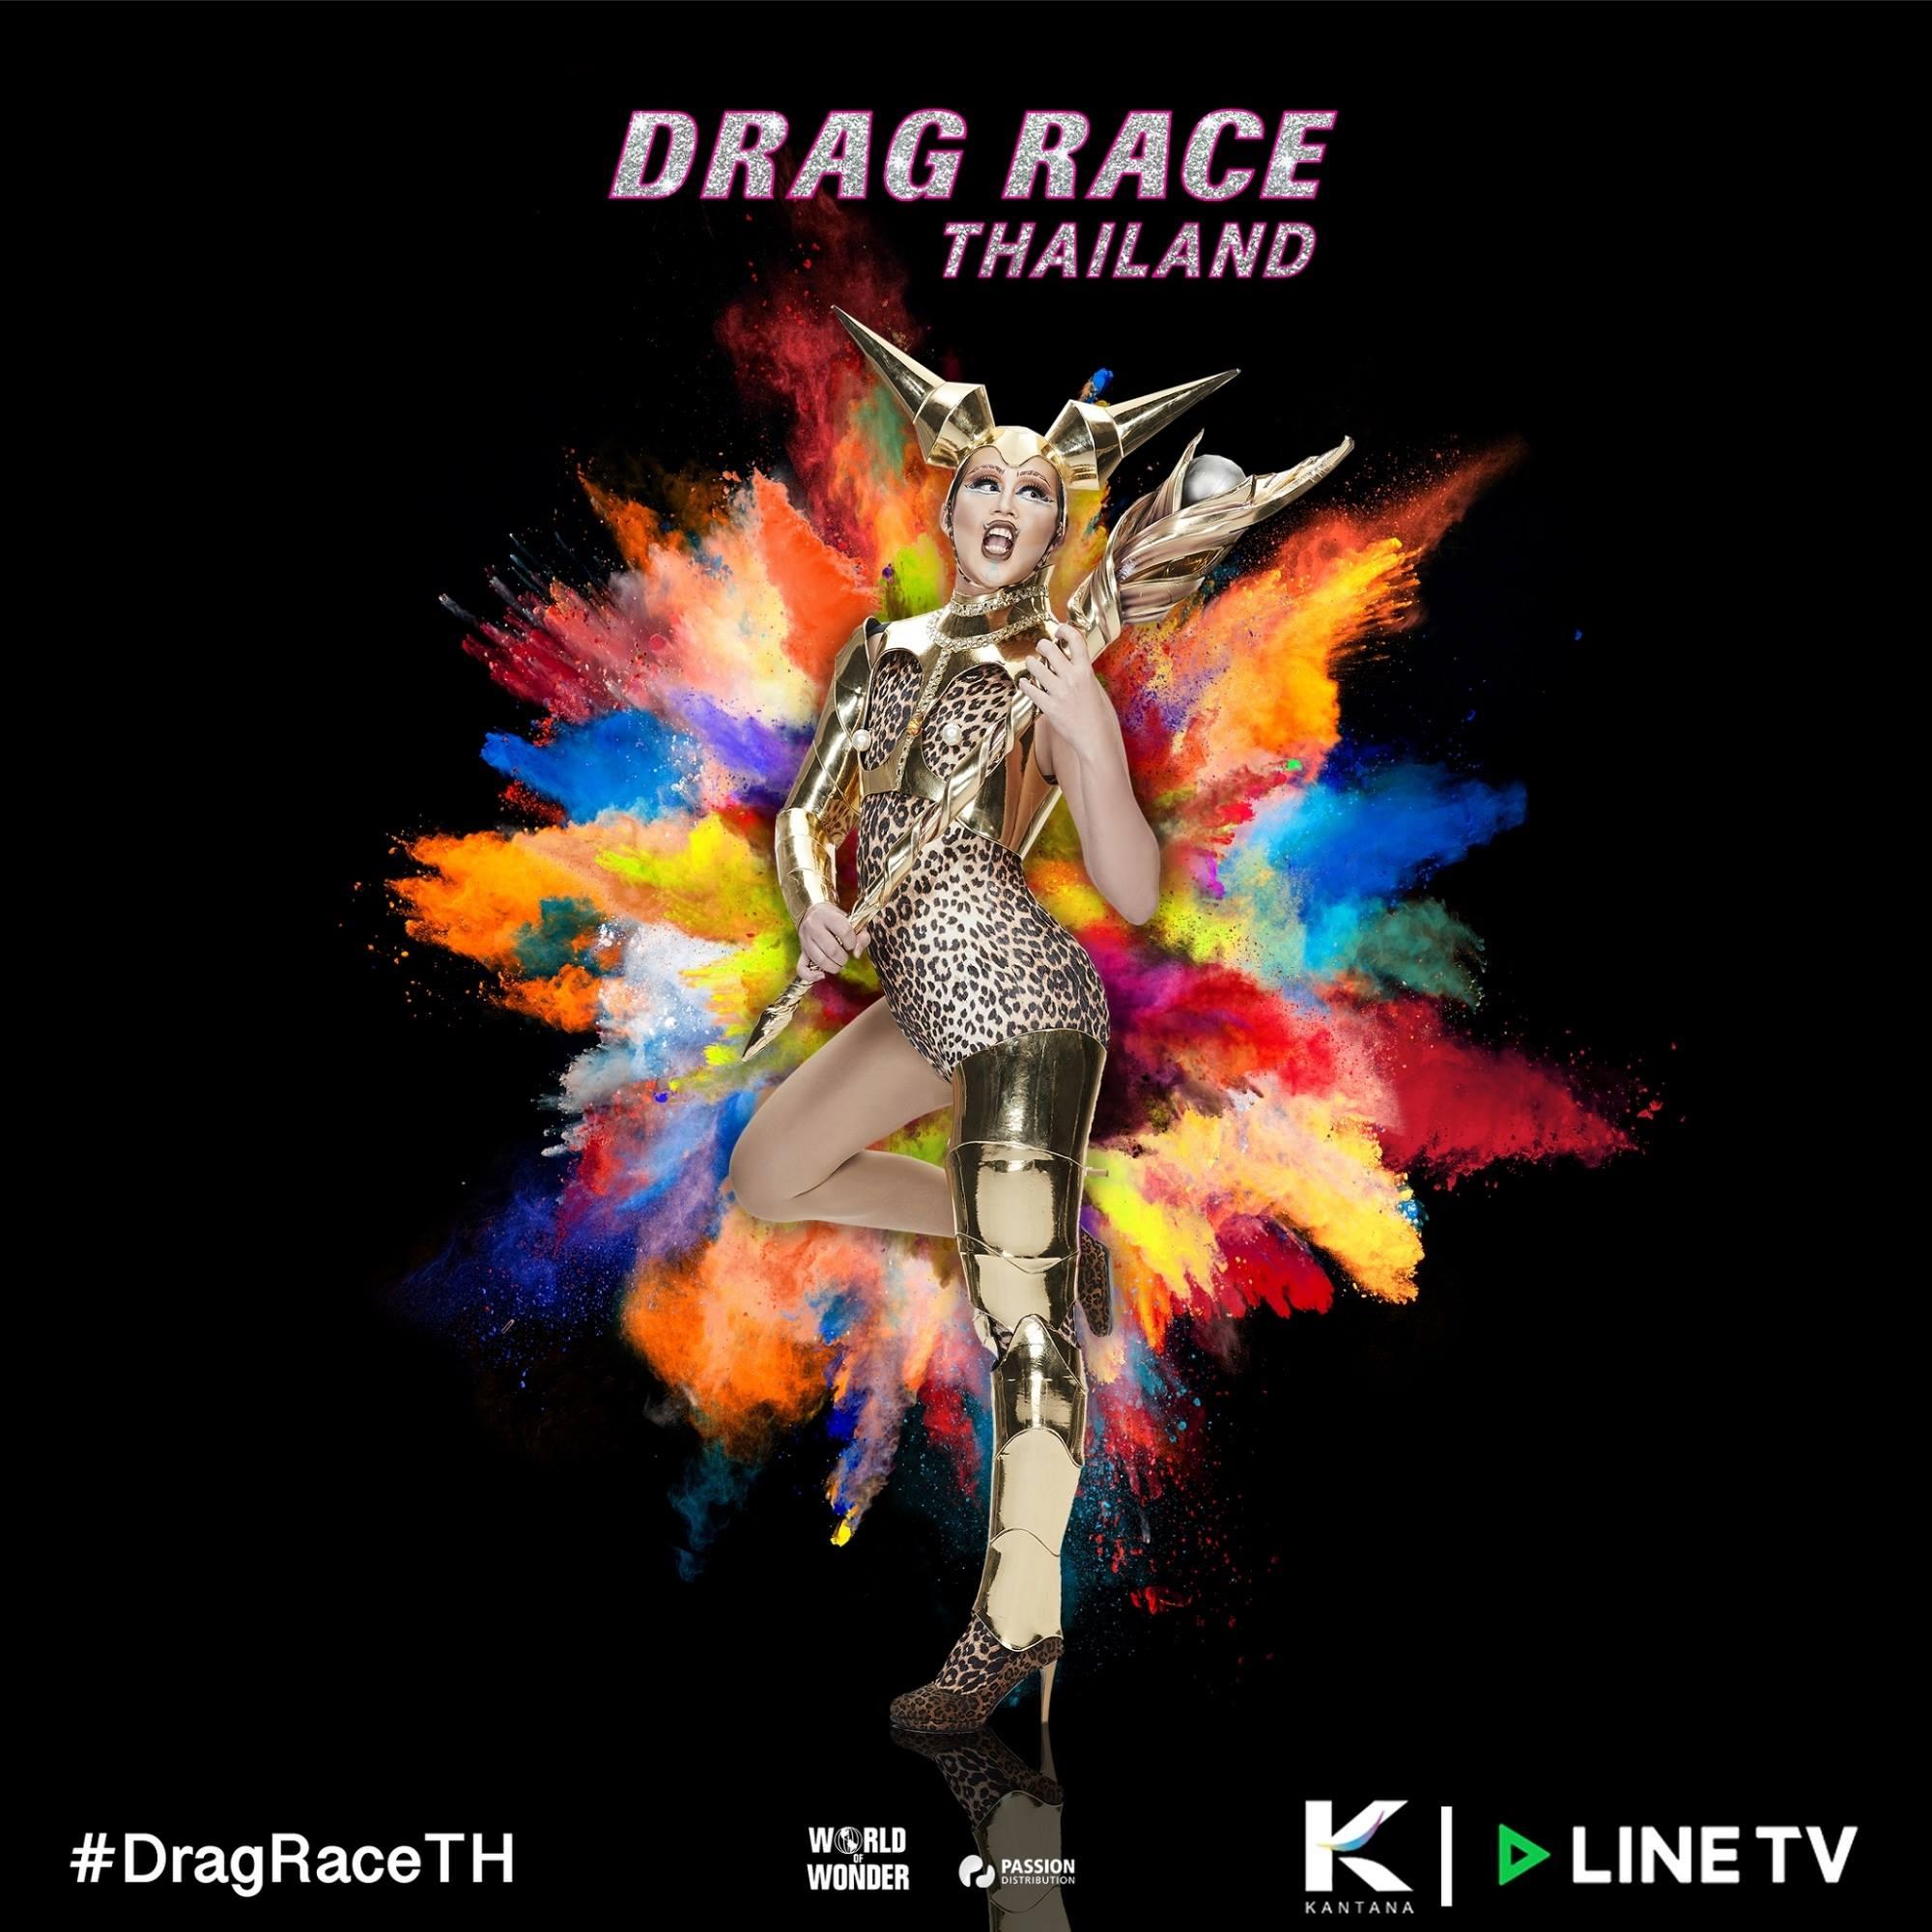 rupaul's drag race thailand cast 4